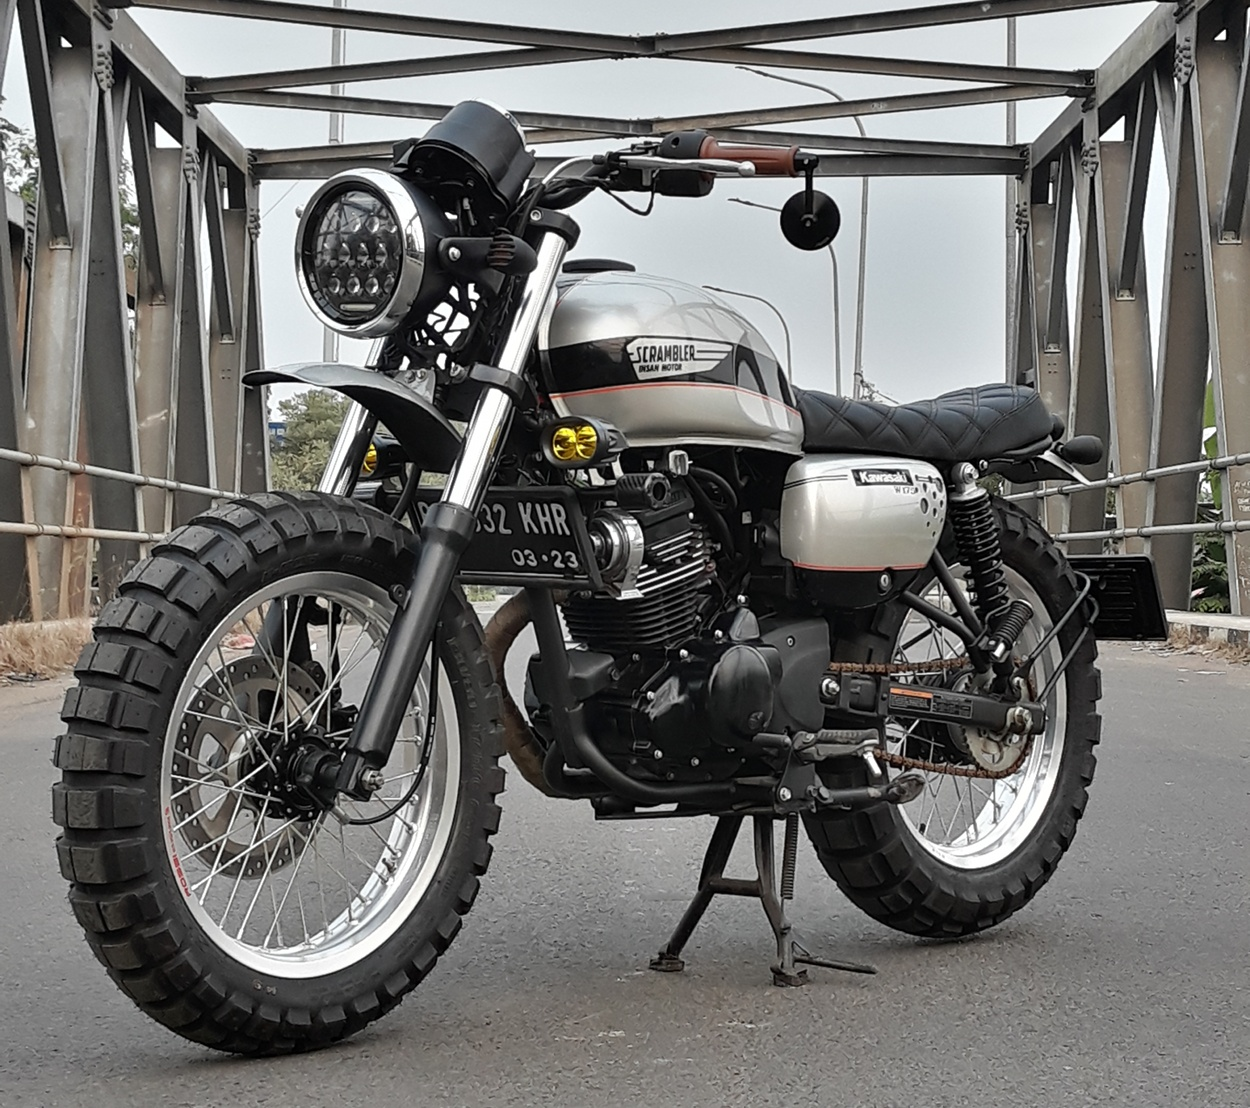 Kawasaki Air Cooled Motorcycles